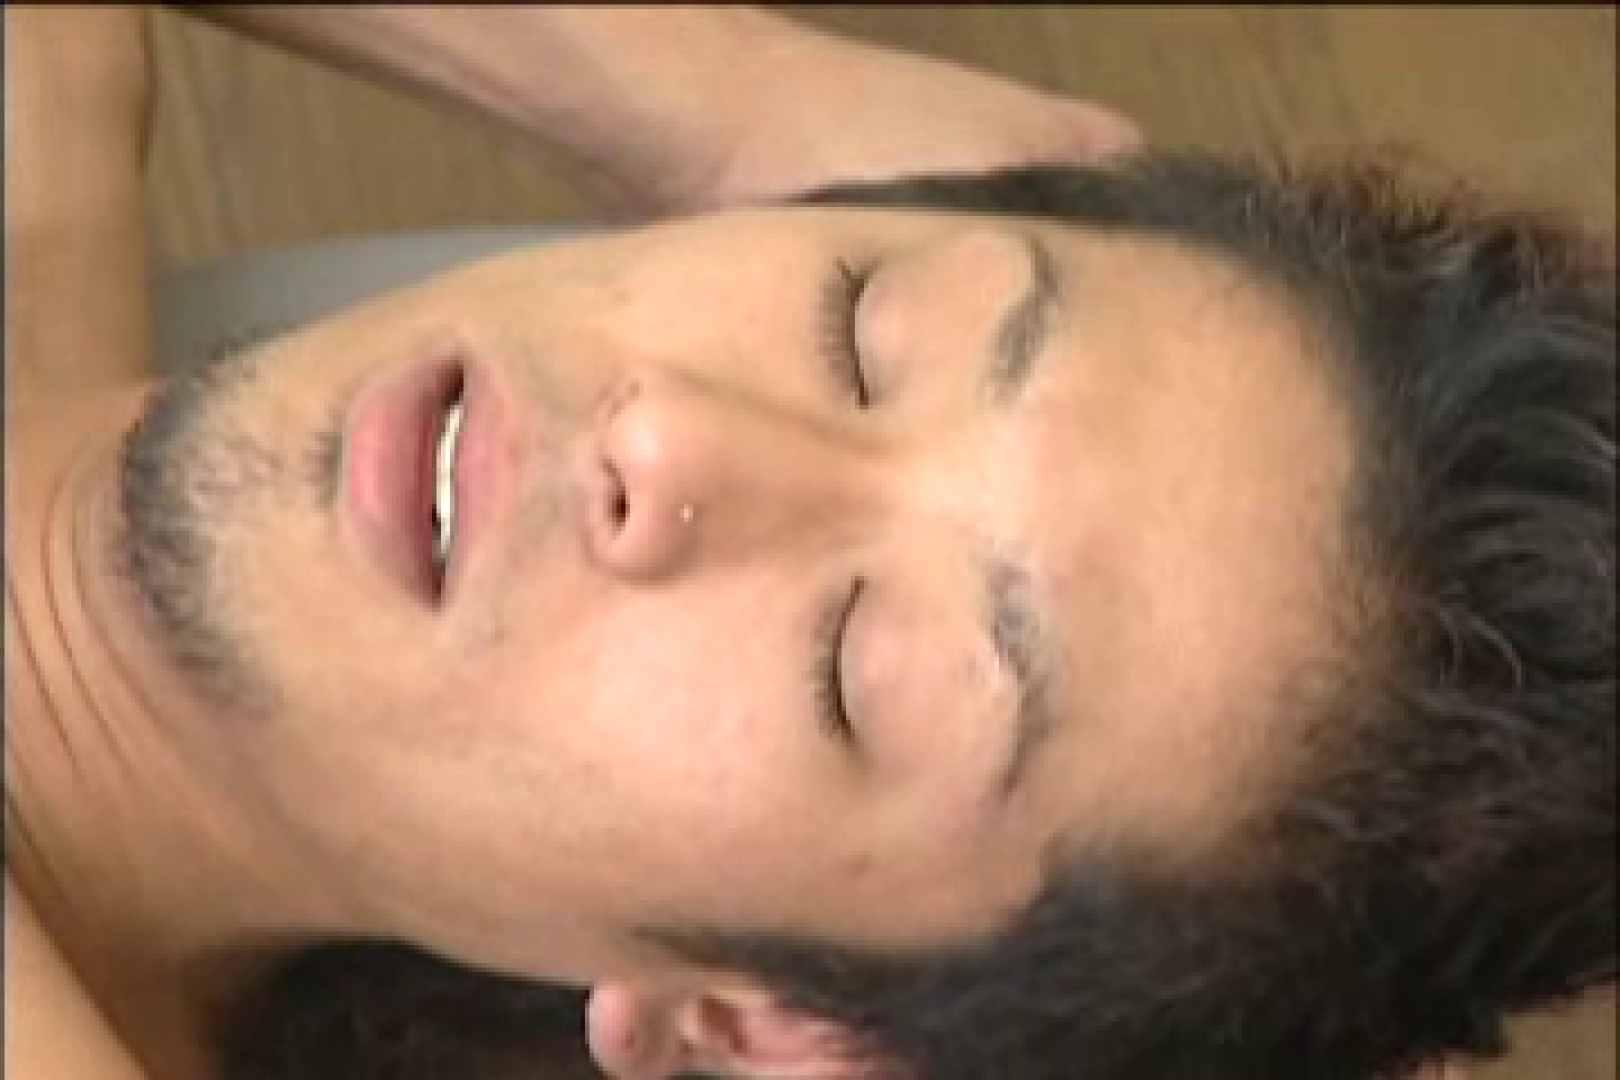 イケメン☆パラダイス〜男ざかりの君たちへ〜vol.3 イケメンパラダイス ゲイエロビデオ画像 93pic 5